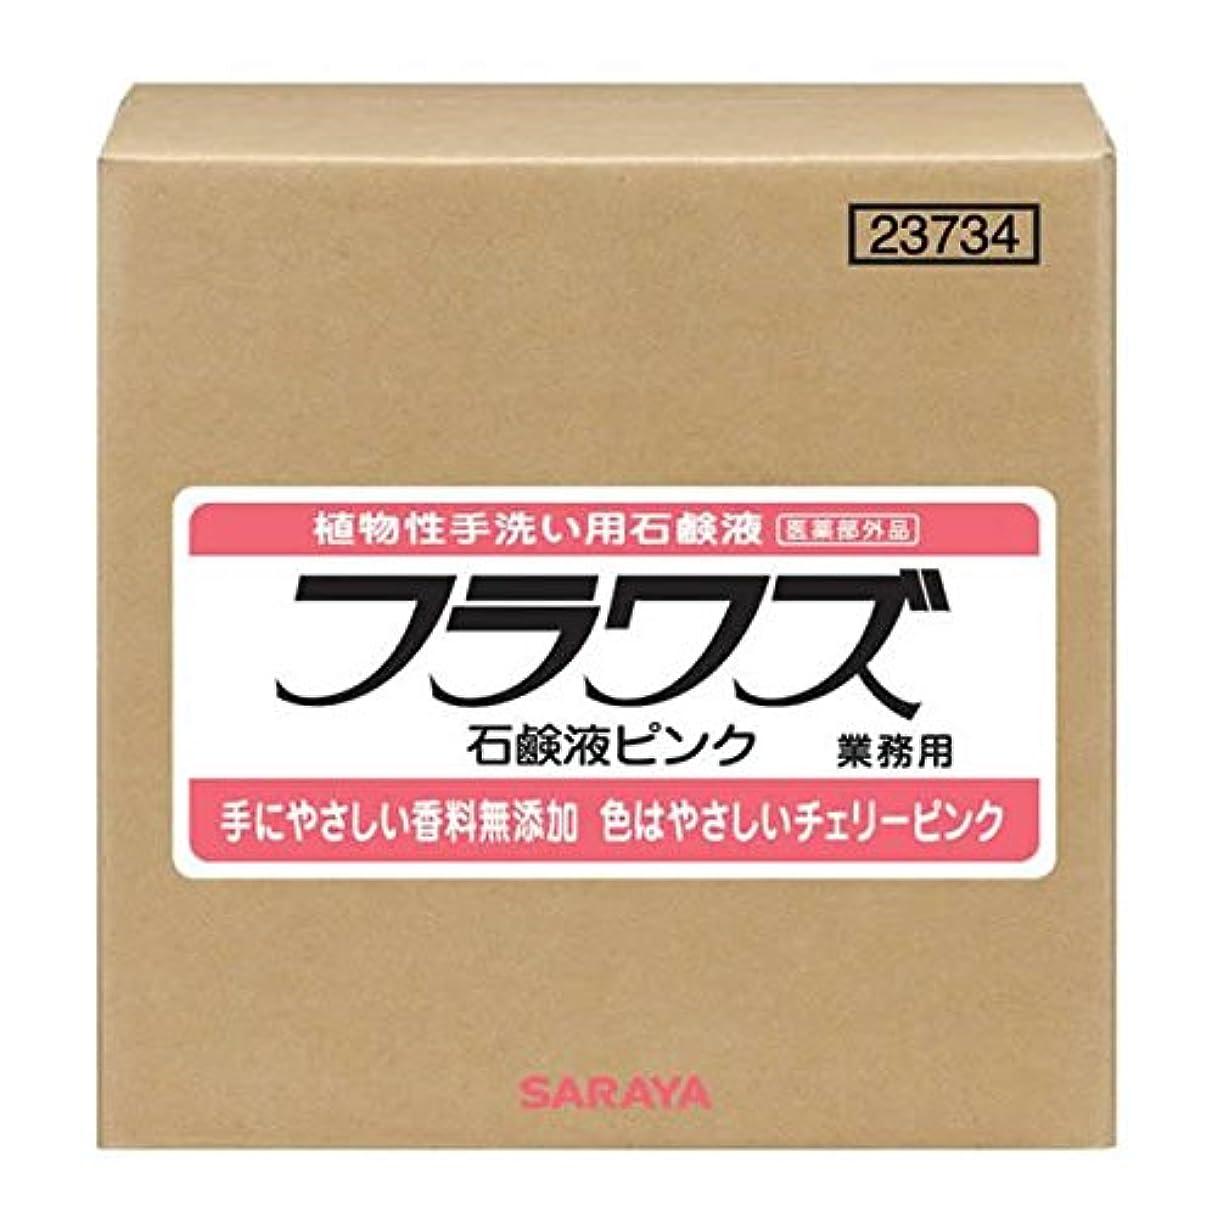 会員シールド突き刺すサラヤ フラワズ石鹸液ピンク 20kg BIB 1箱